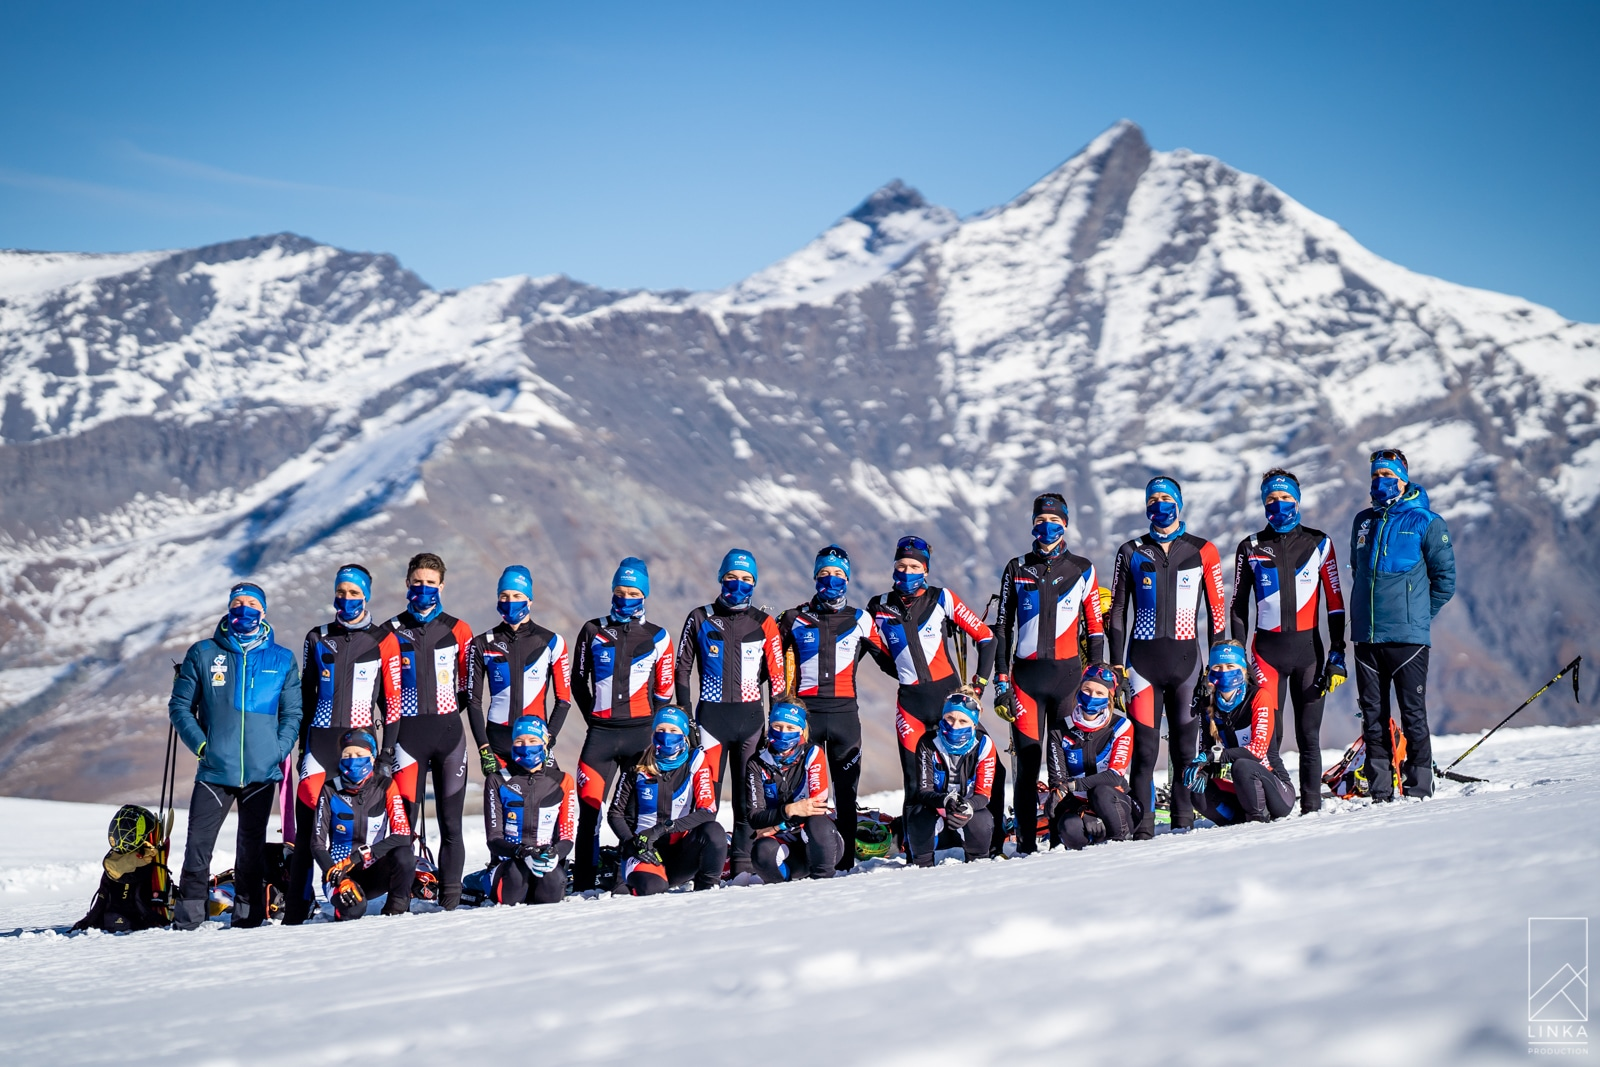 L'équipe de France de ski-alpinisme en stage à Tignes